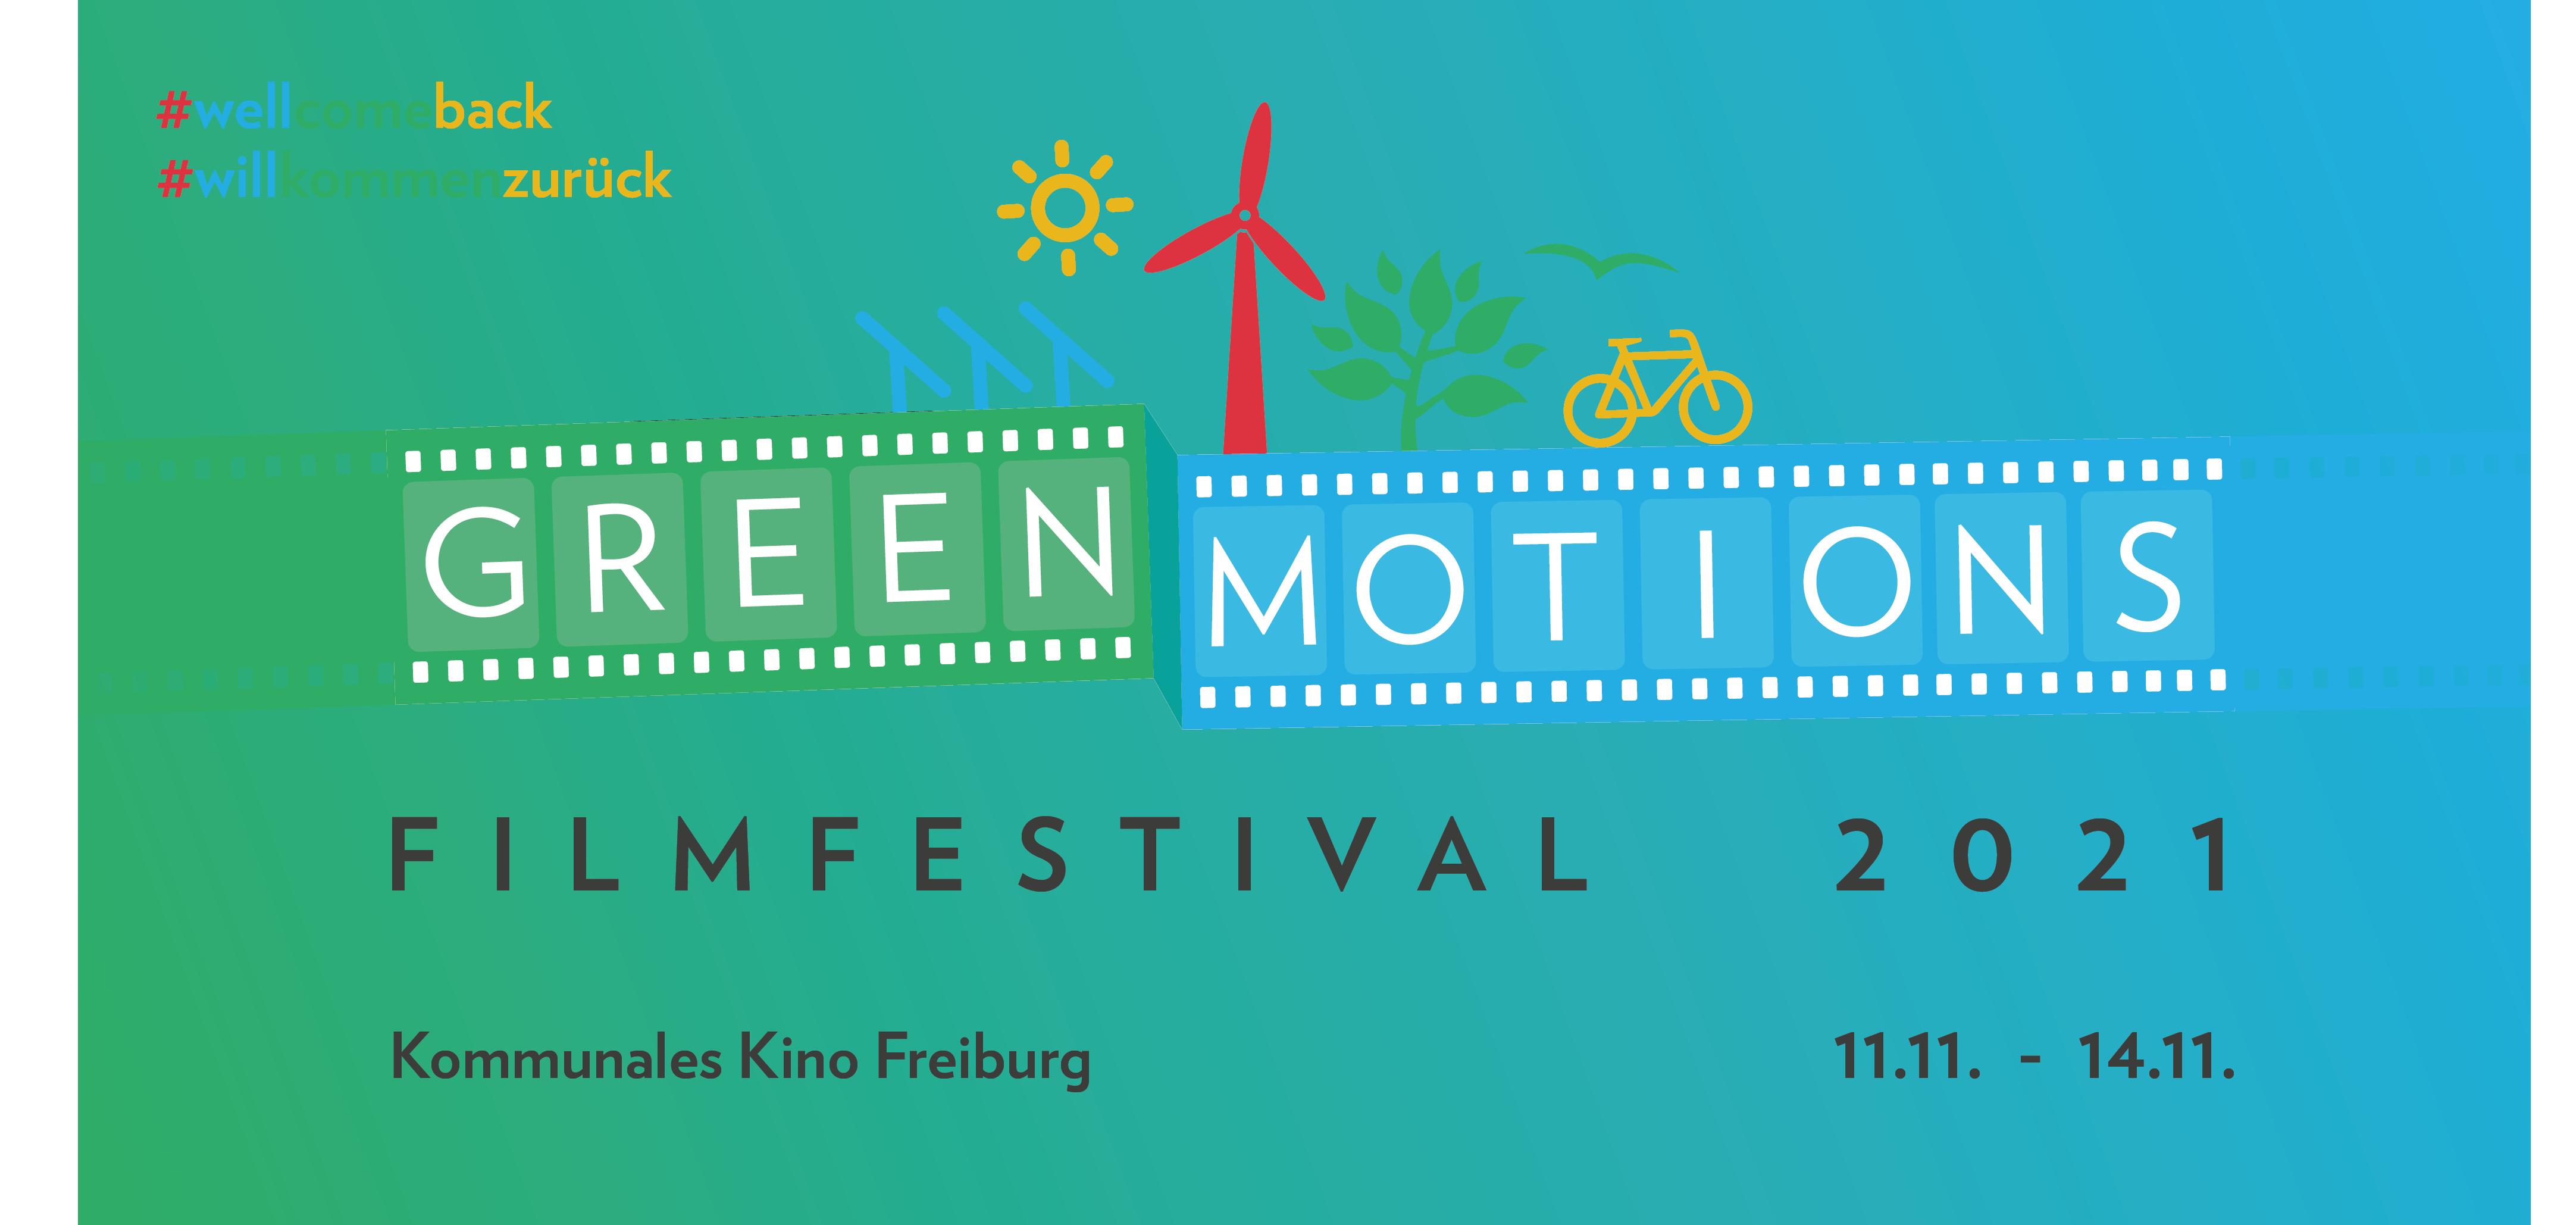 Greenmotions Filmfestival Logo